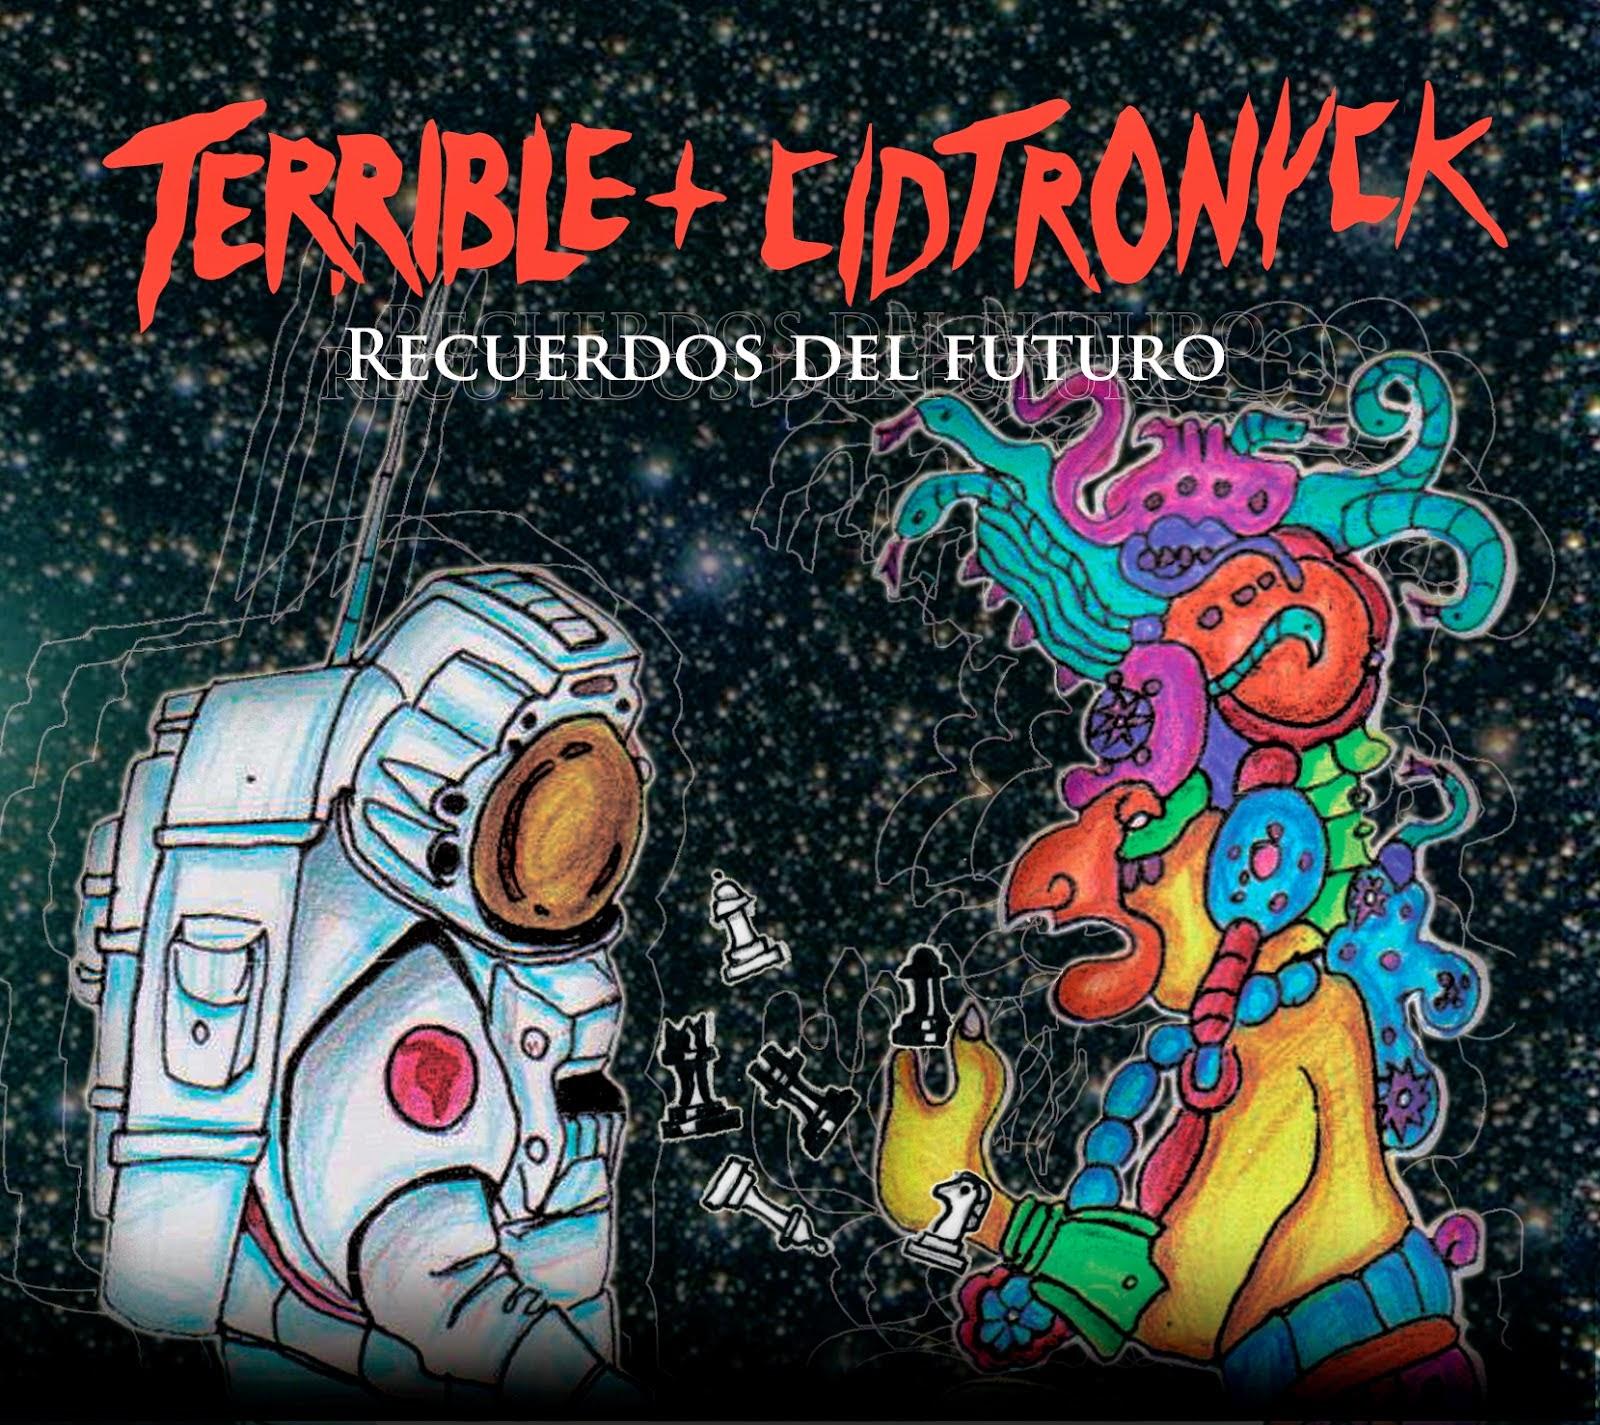 Terrible + Cidtronick - Recuerdos del Futuro 2014 (Chile)